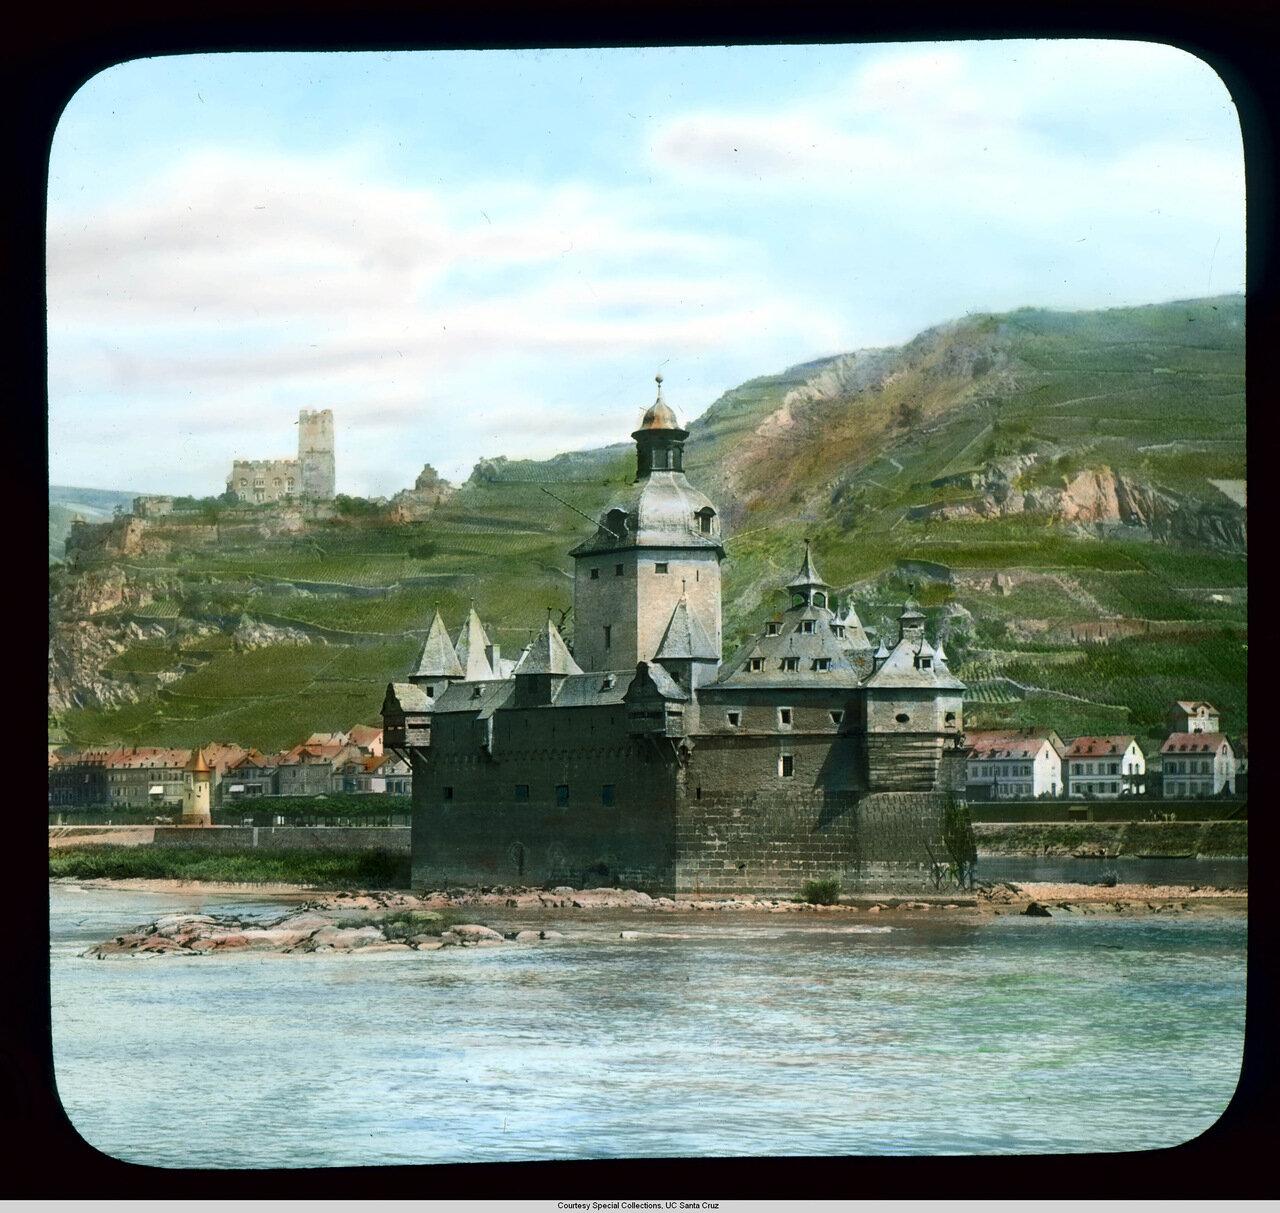 Рейнская долина.  Крепость Пфальцграфенштайн (или таможенный замок), недалеко от города Кауб.